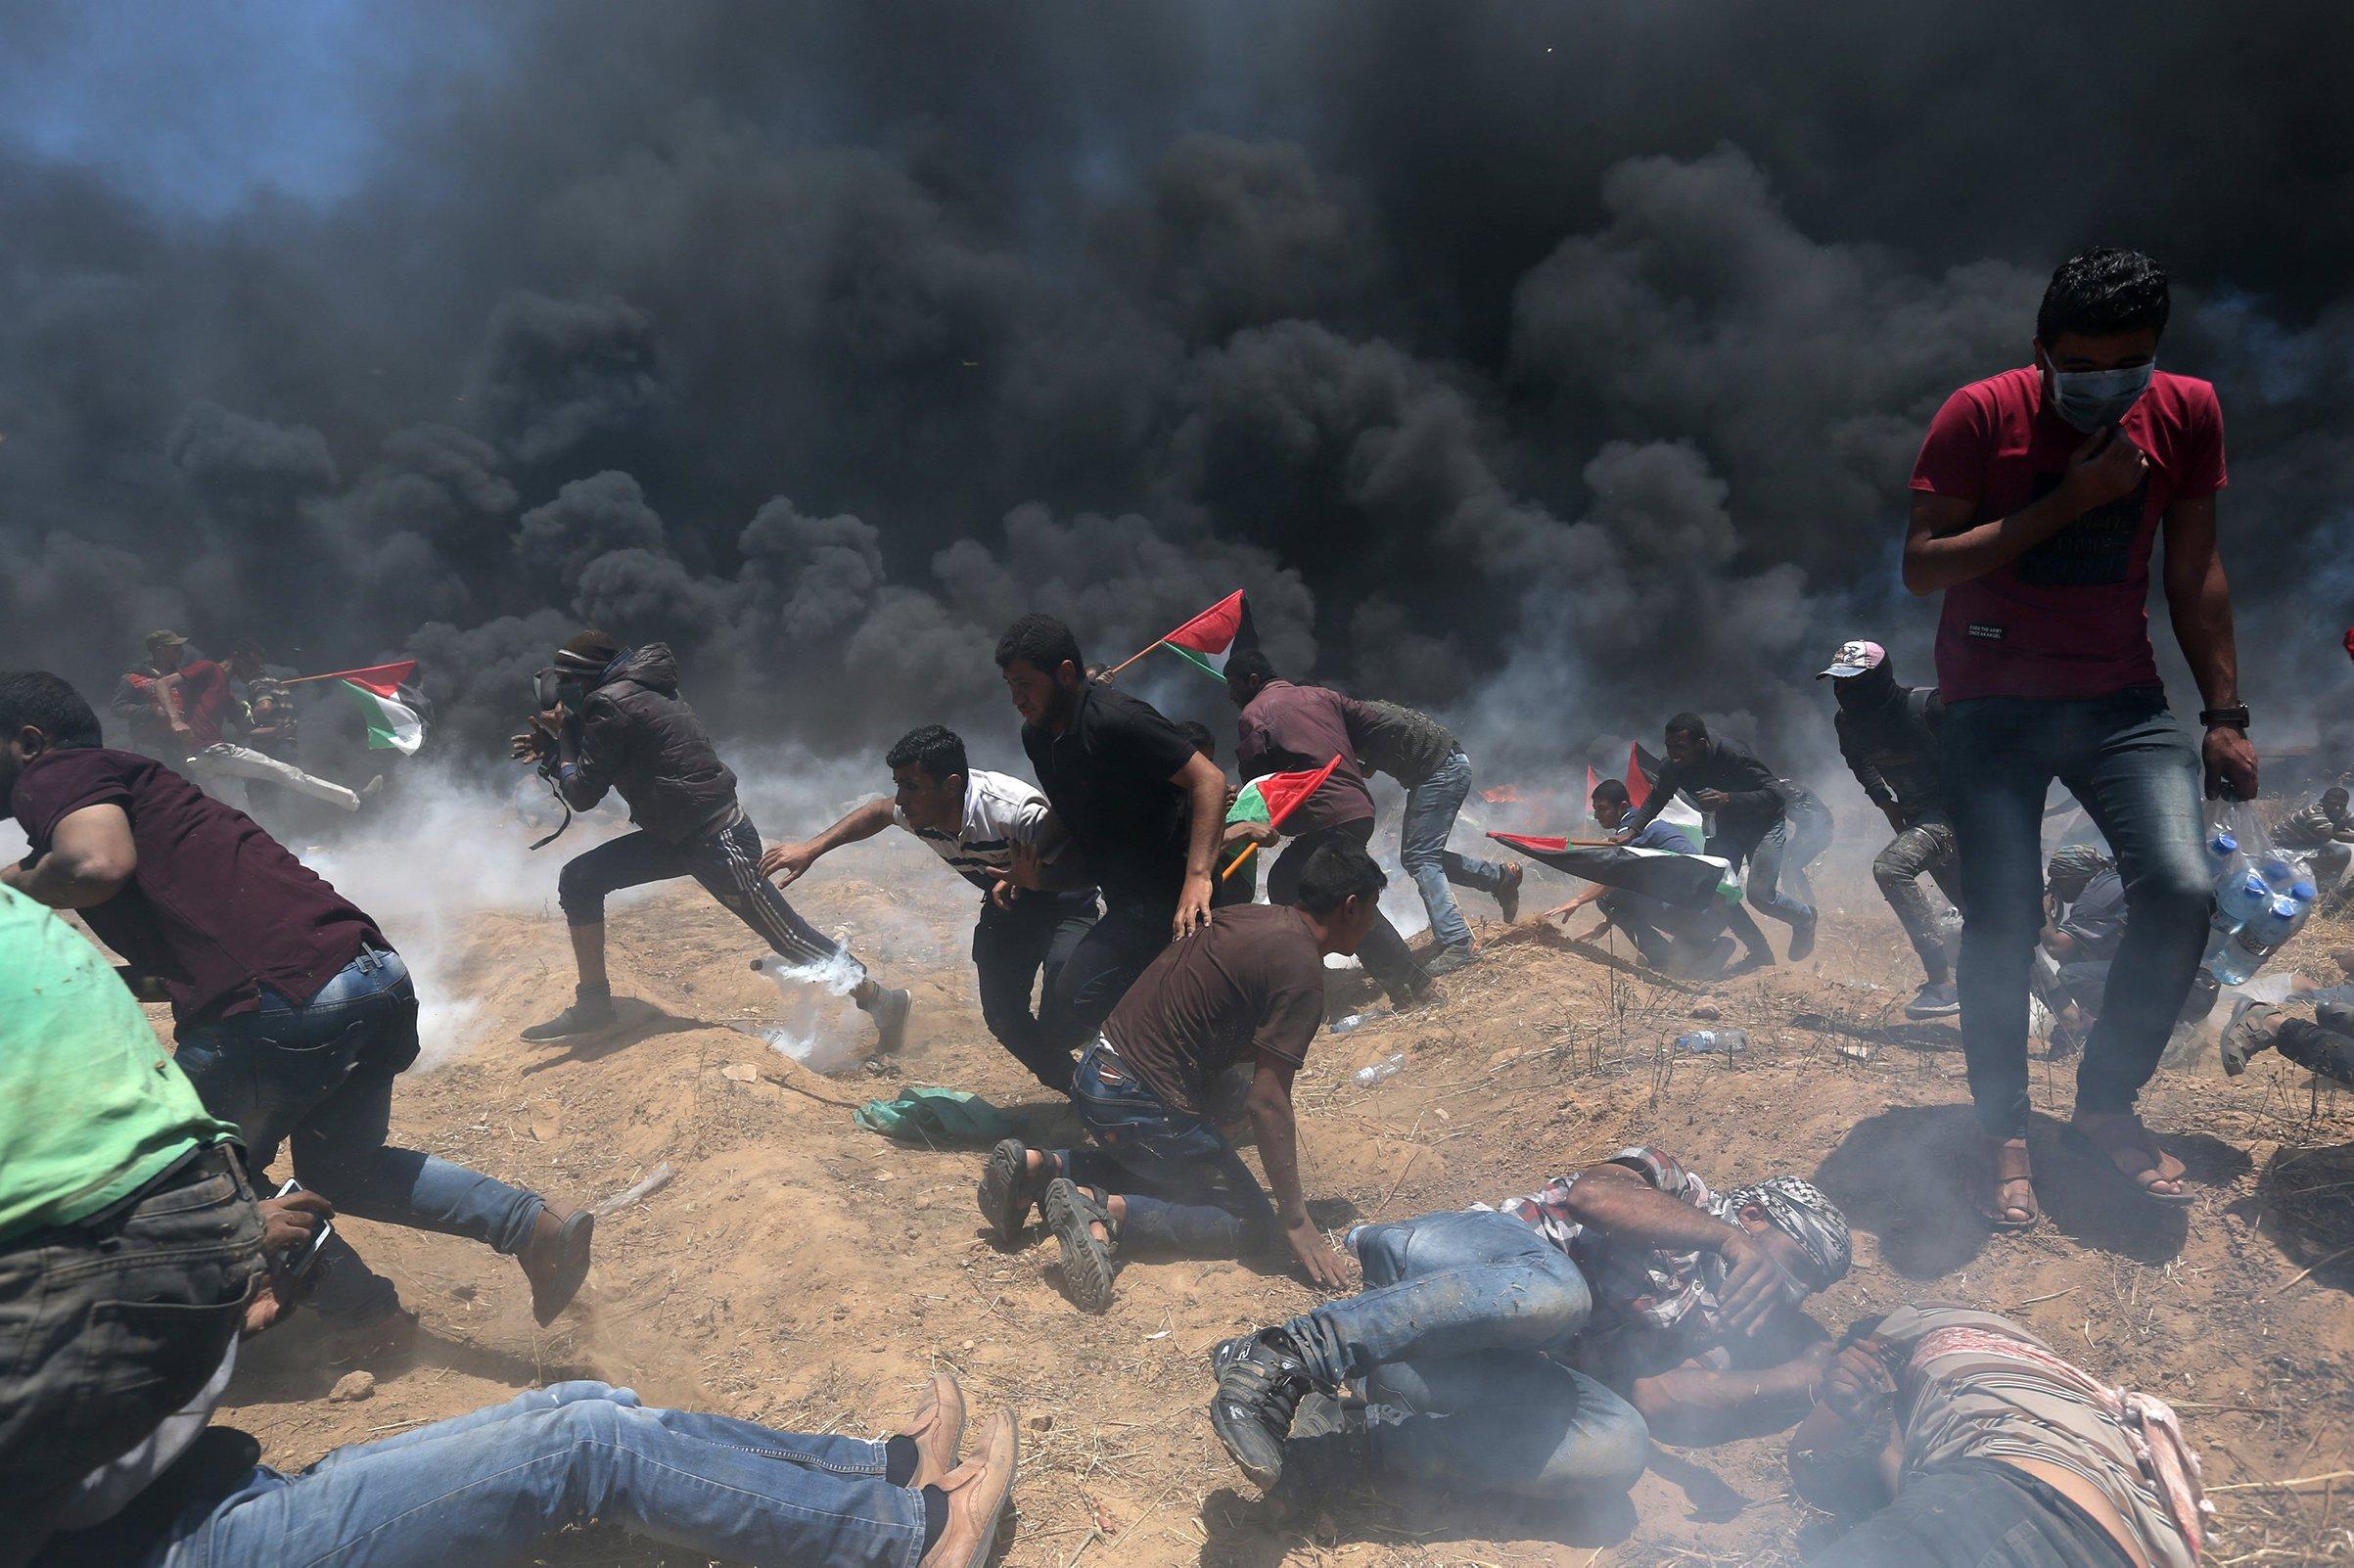 Jeruzsálemben folyik a vér- Kormányunk igyekszik szűz maradni